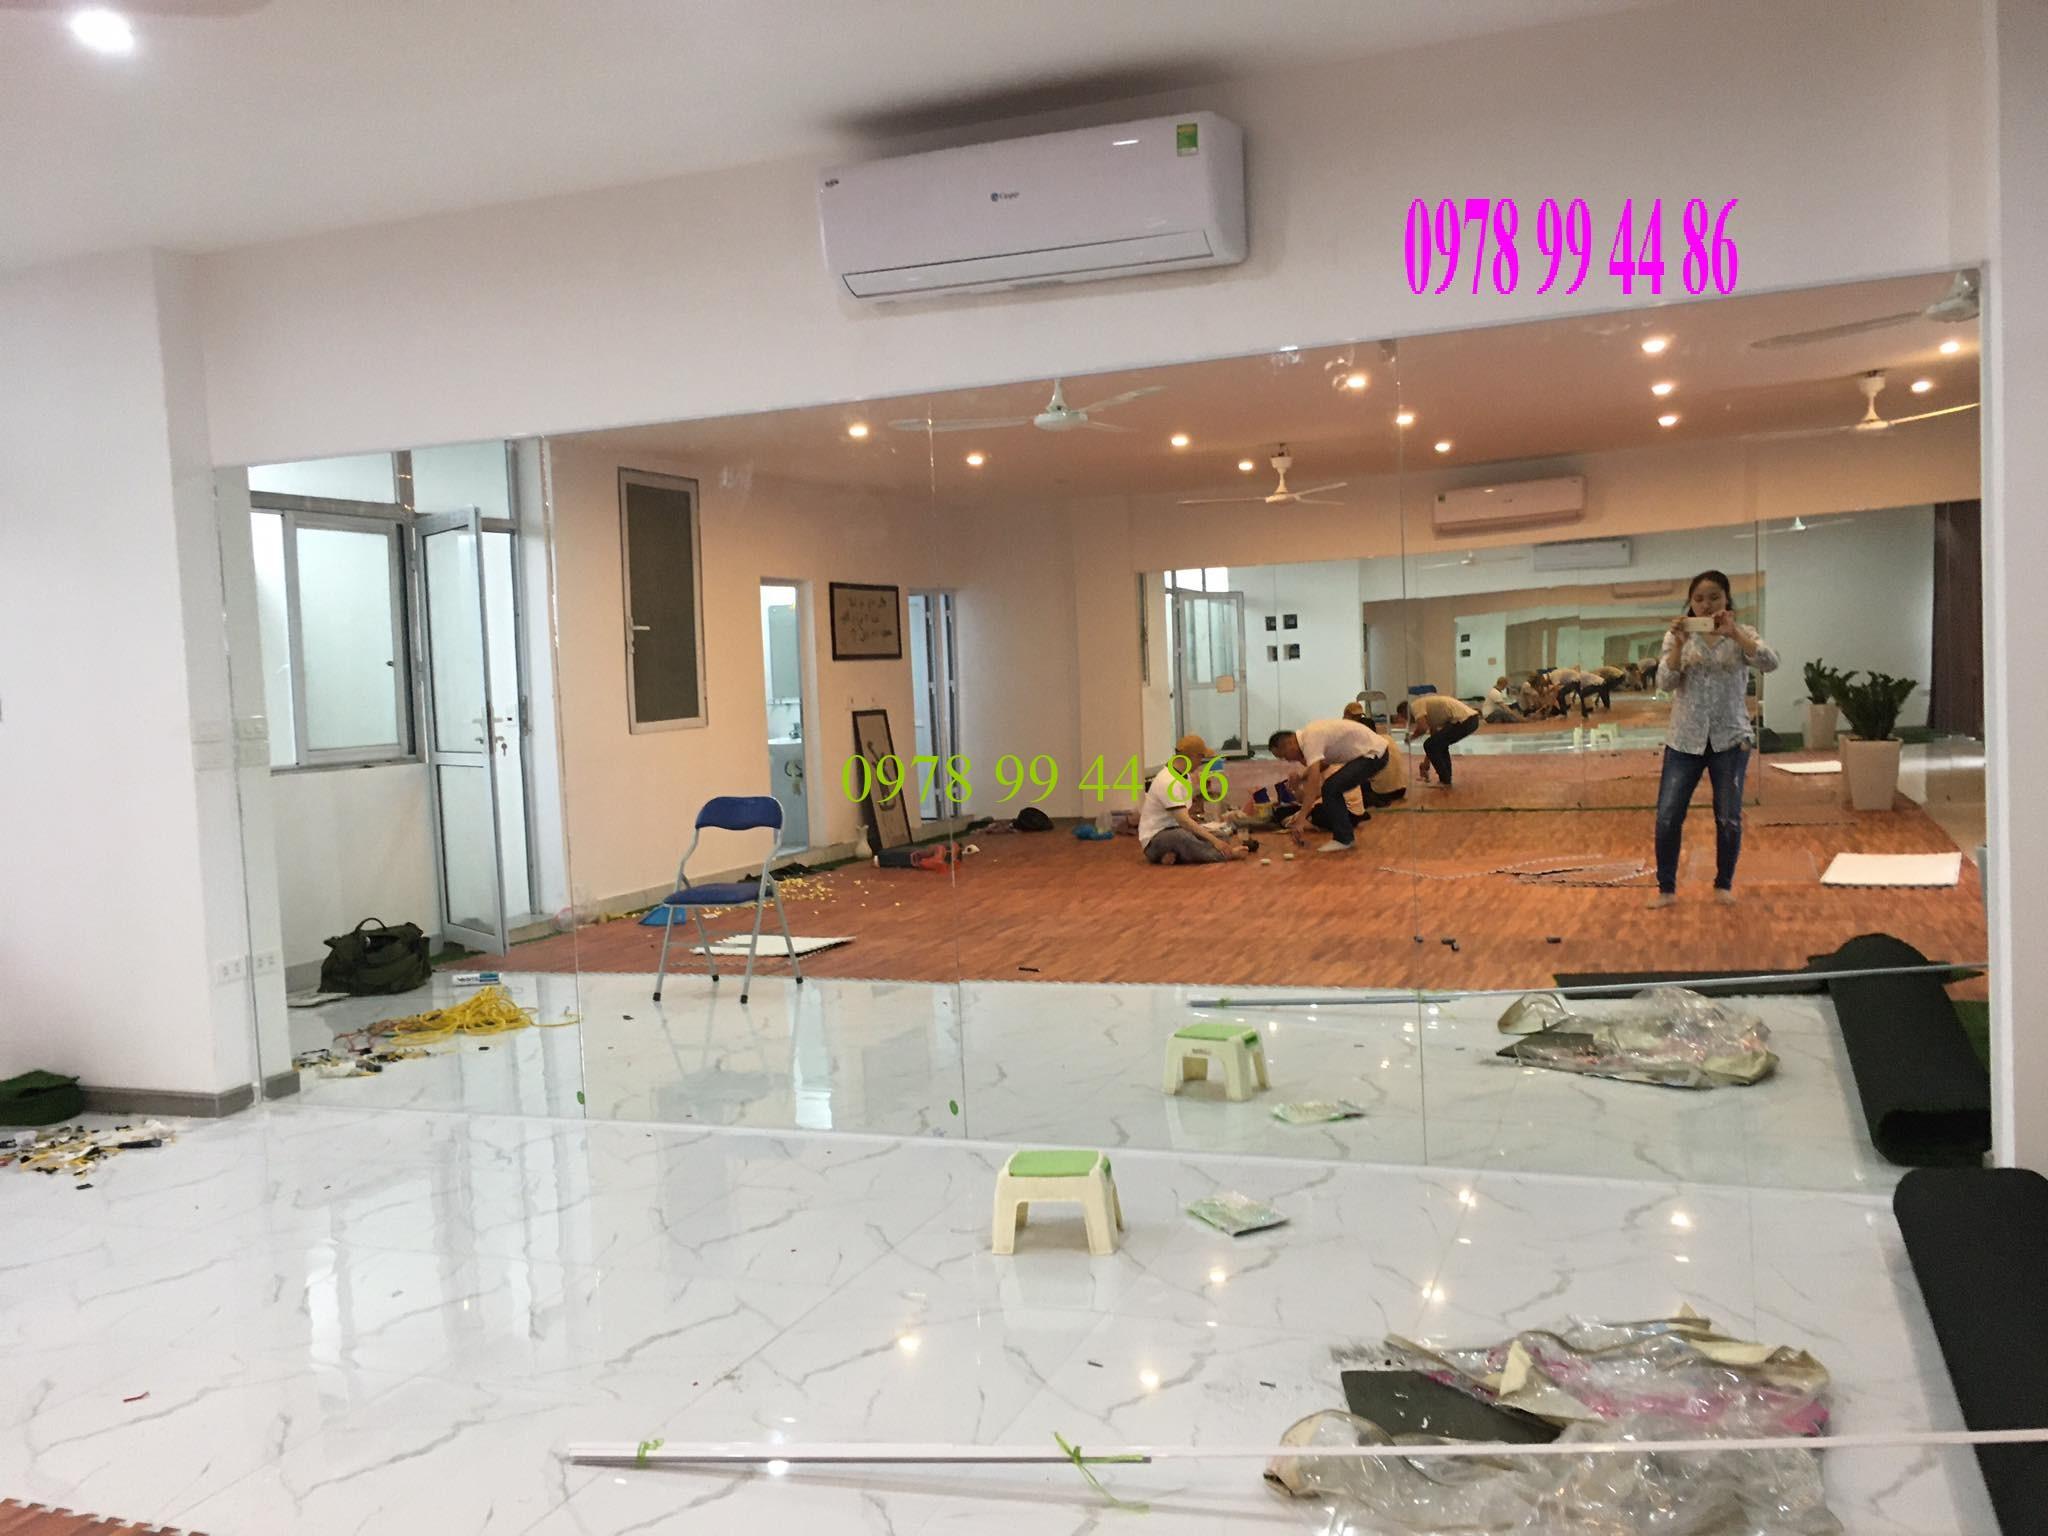 Gương phòng tập múa 1  Gương phòng tập múa cho bé mầm non giá rẻ nhất tại hà nội